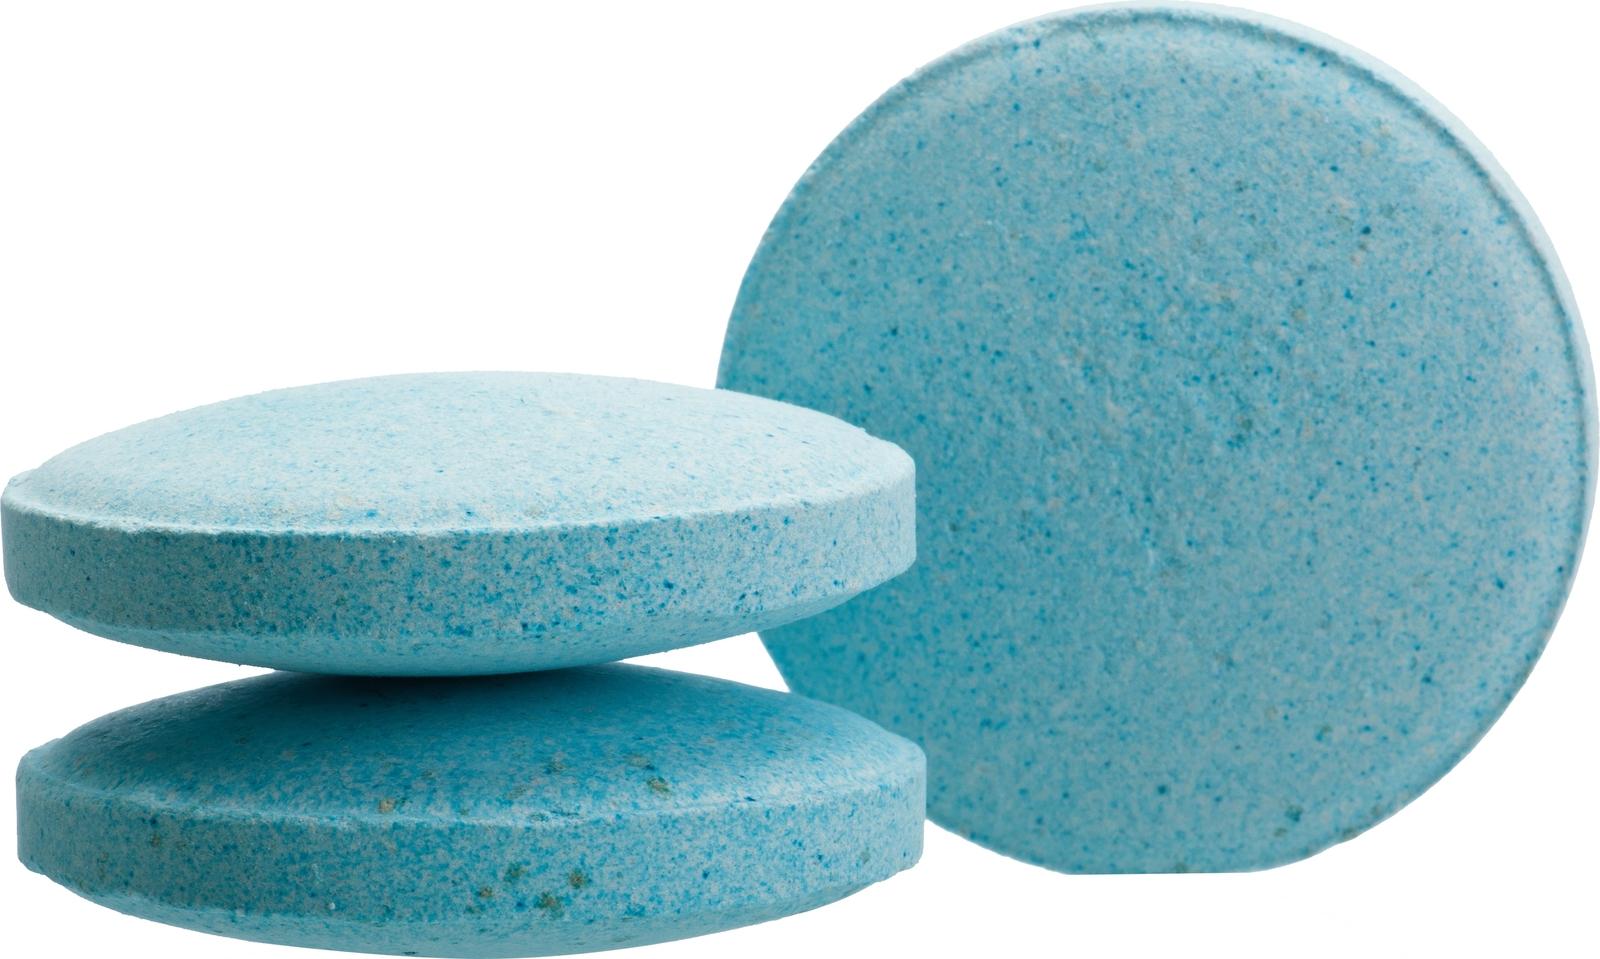 Таблетки шипучие для ванны Thalgo Лагуна, 6 шт по 33 г средство для похудения от елены малышевой шипучие таблетки